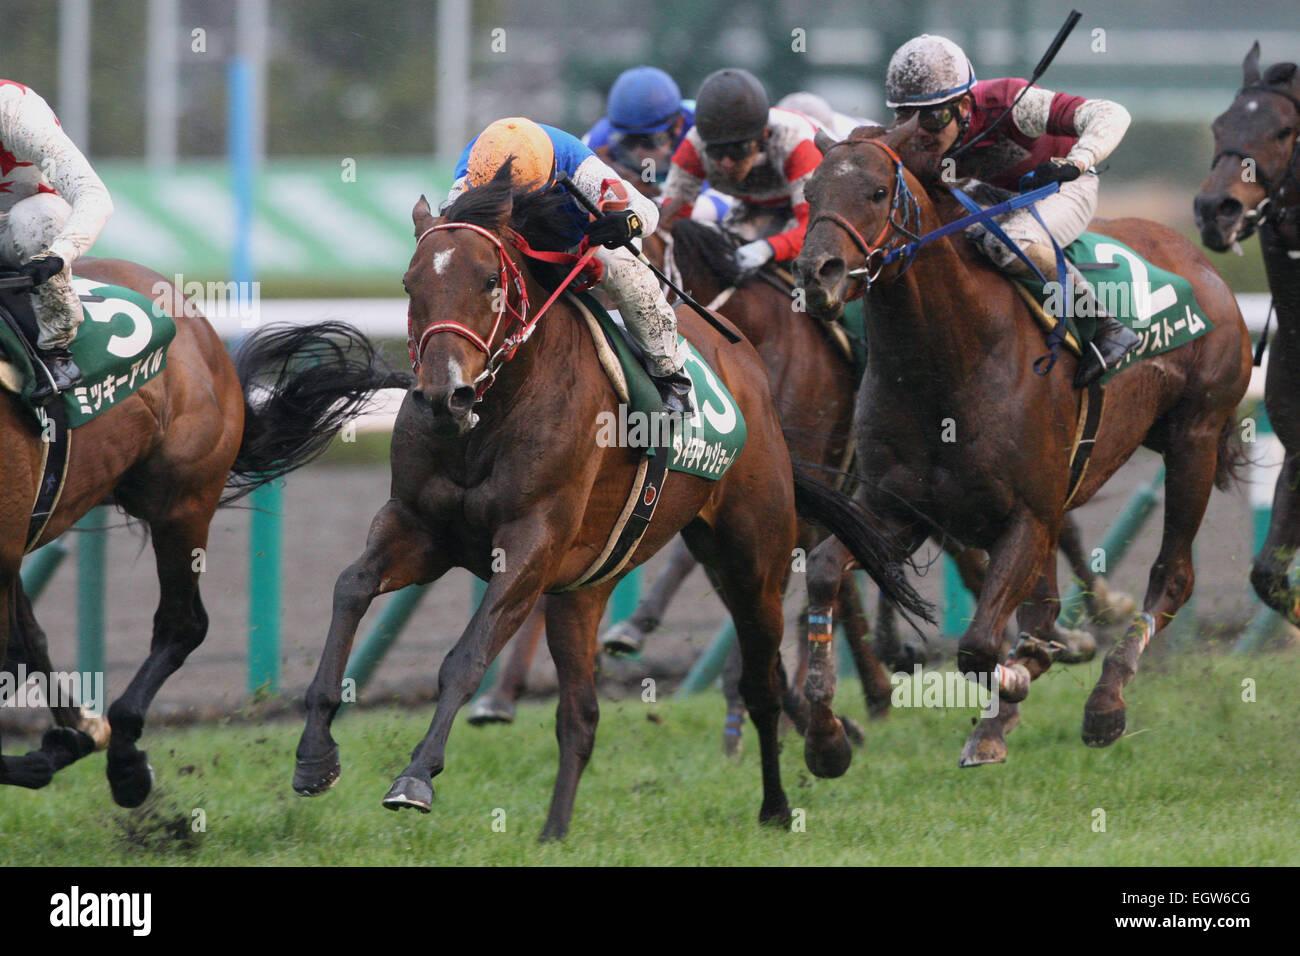 Hyogo, Giappone. 1 Mar, 2015. (L-R) Daiwa Maggiore ( Mirco Demuro), un temporale improvviso (Yusaku Kokubun) Horse Immagini Stock